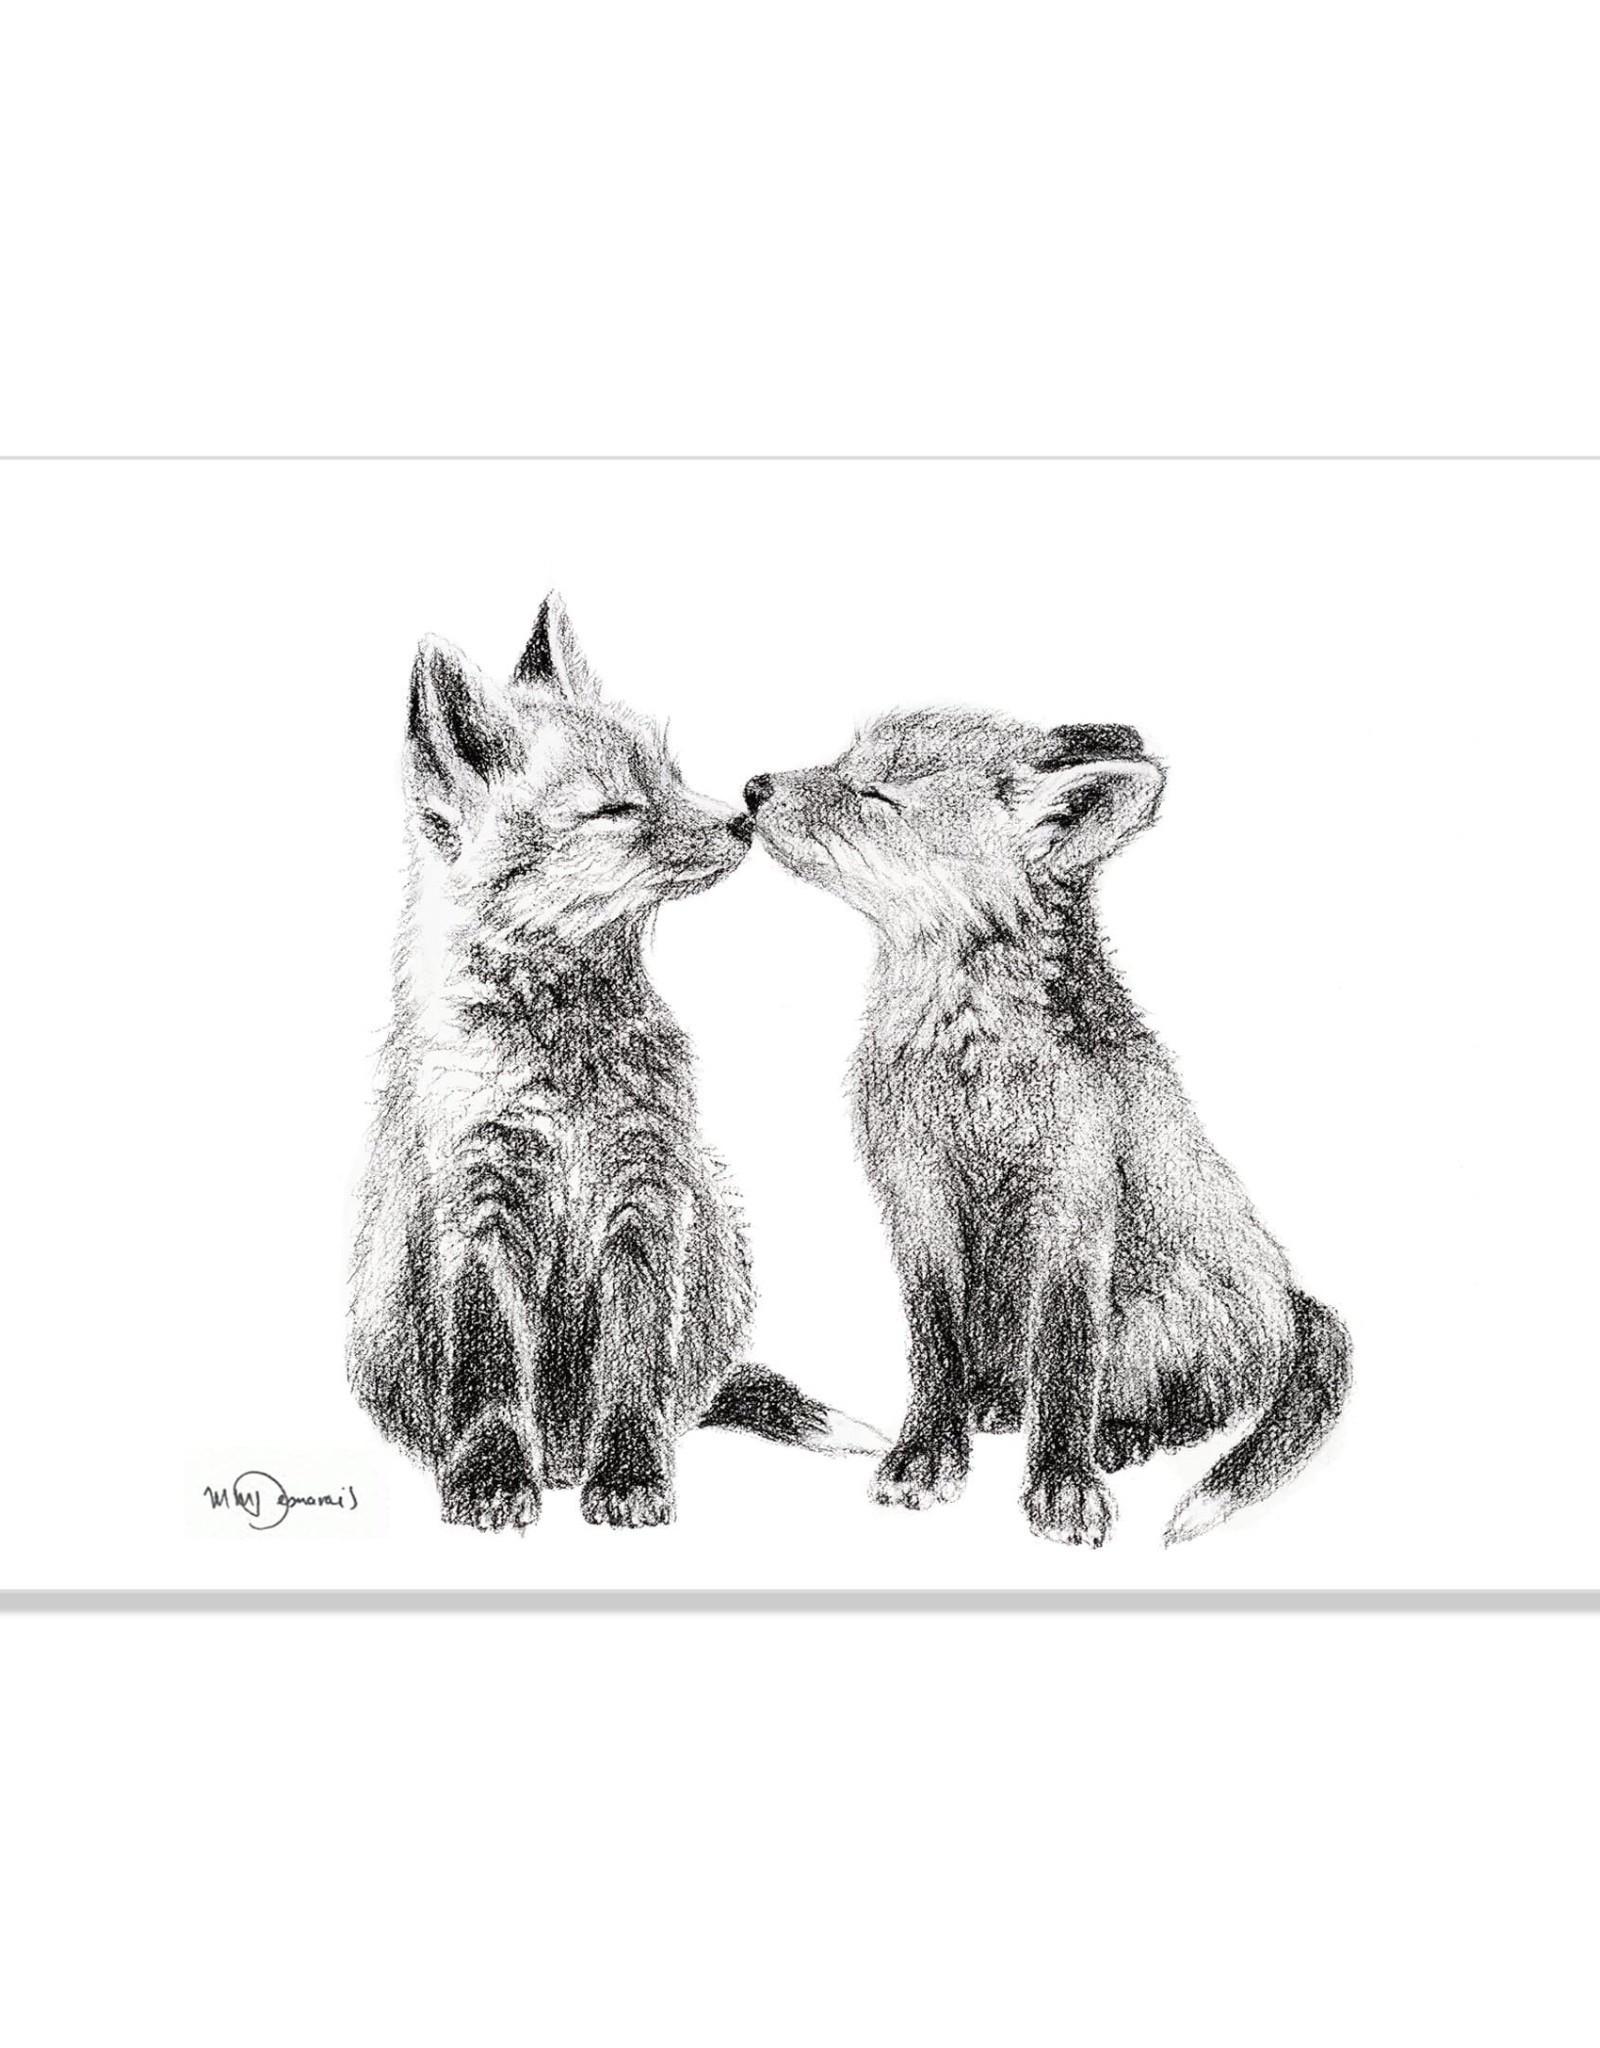 Le Nid atelier Illustration 8x10 - Bébés renards